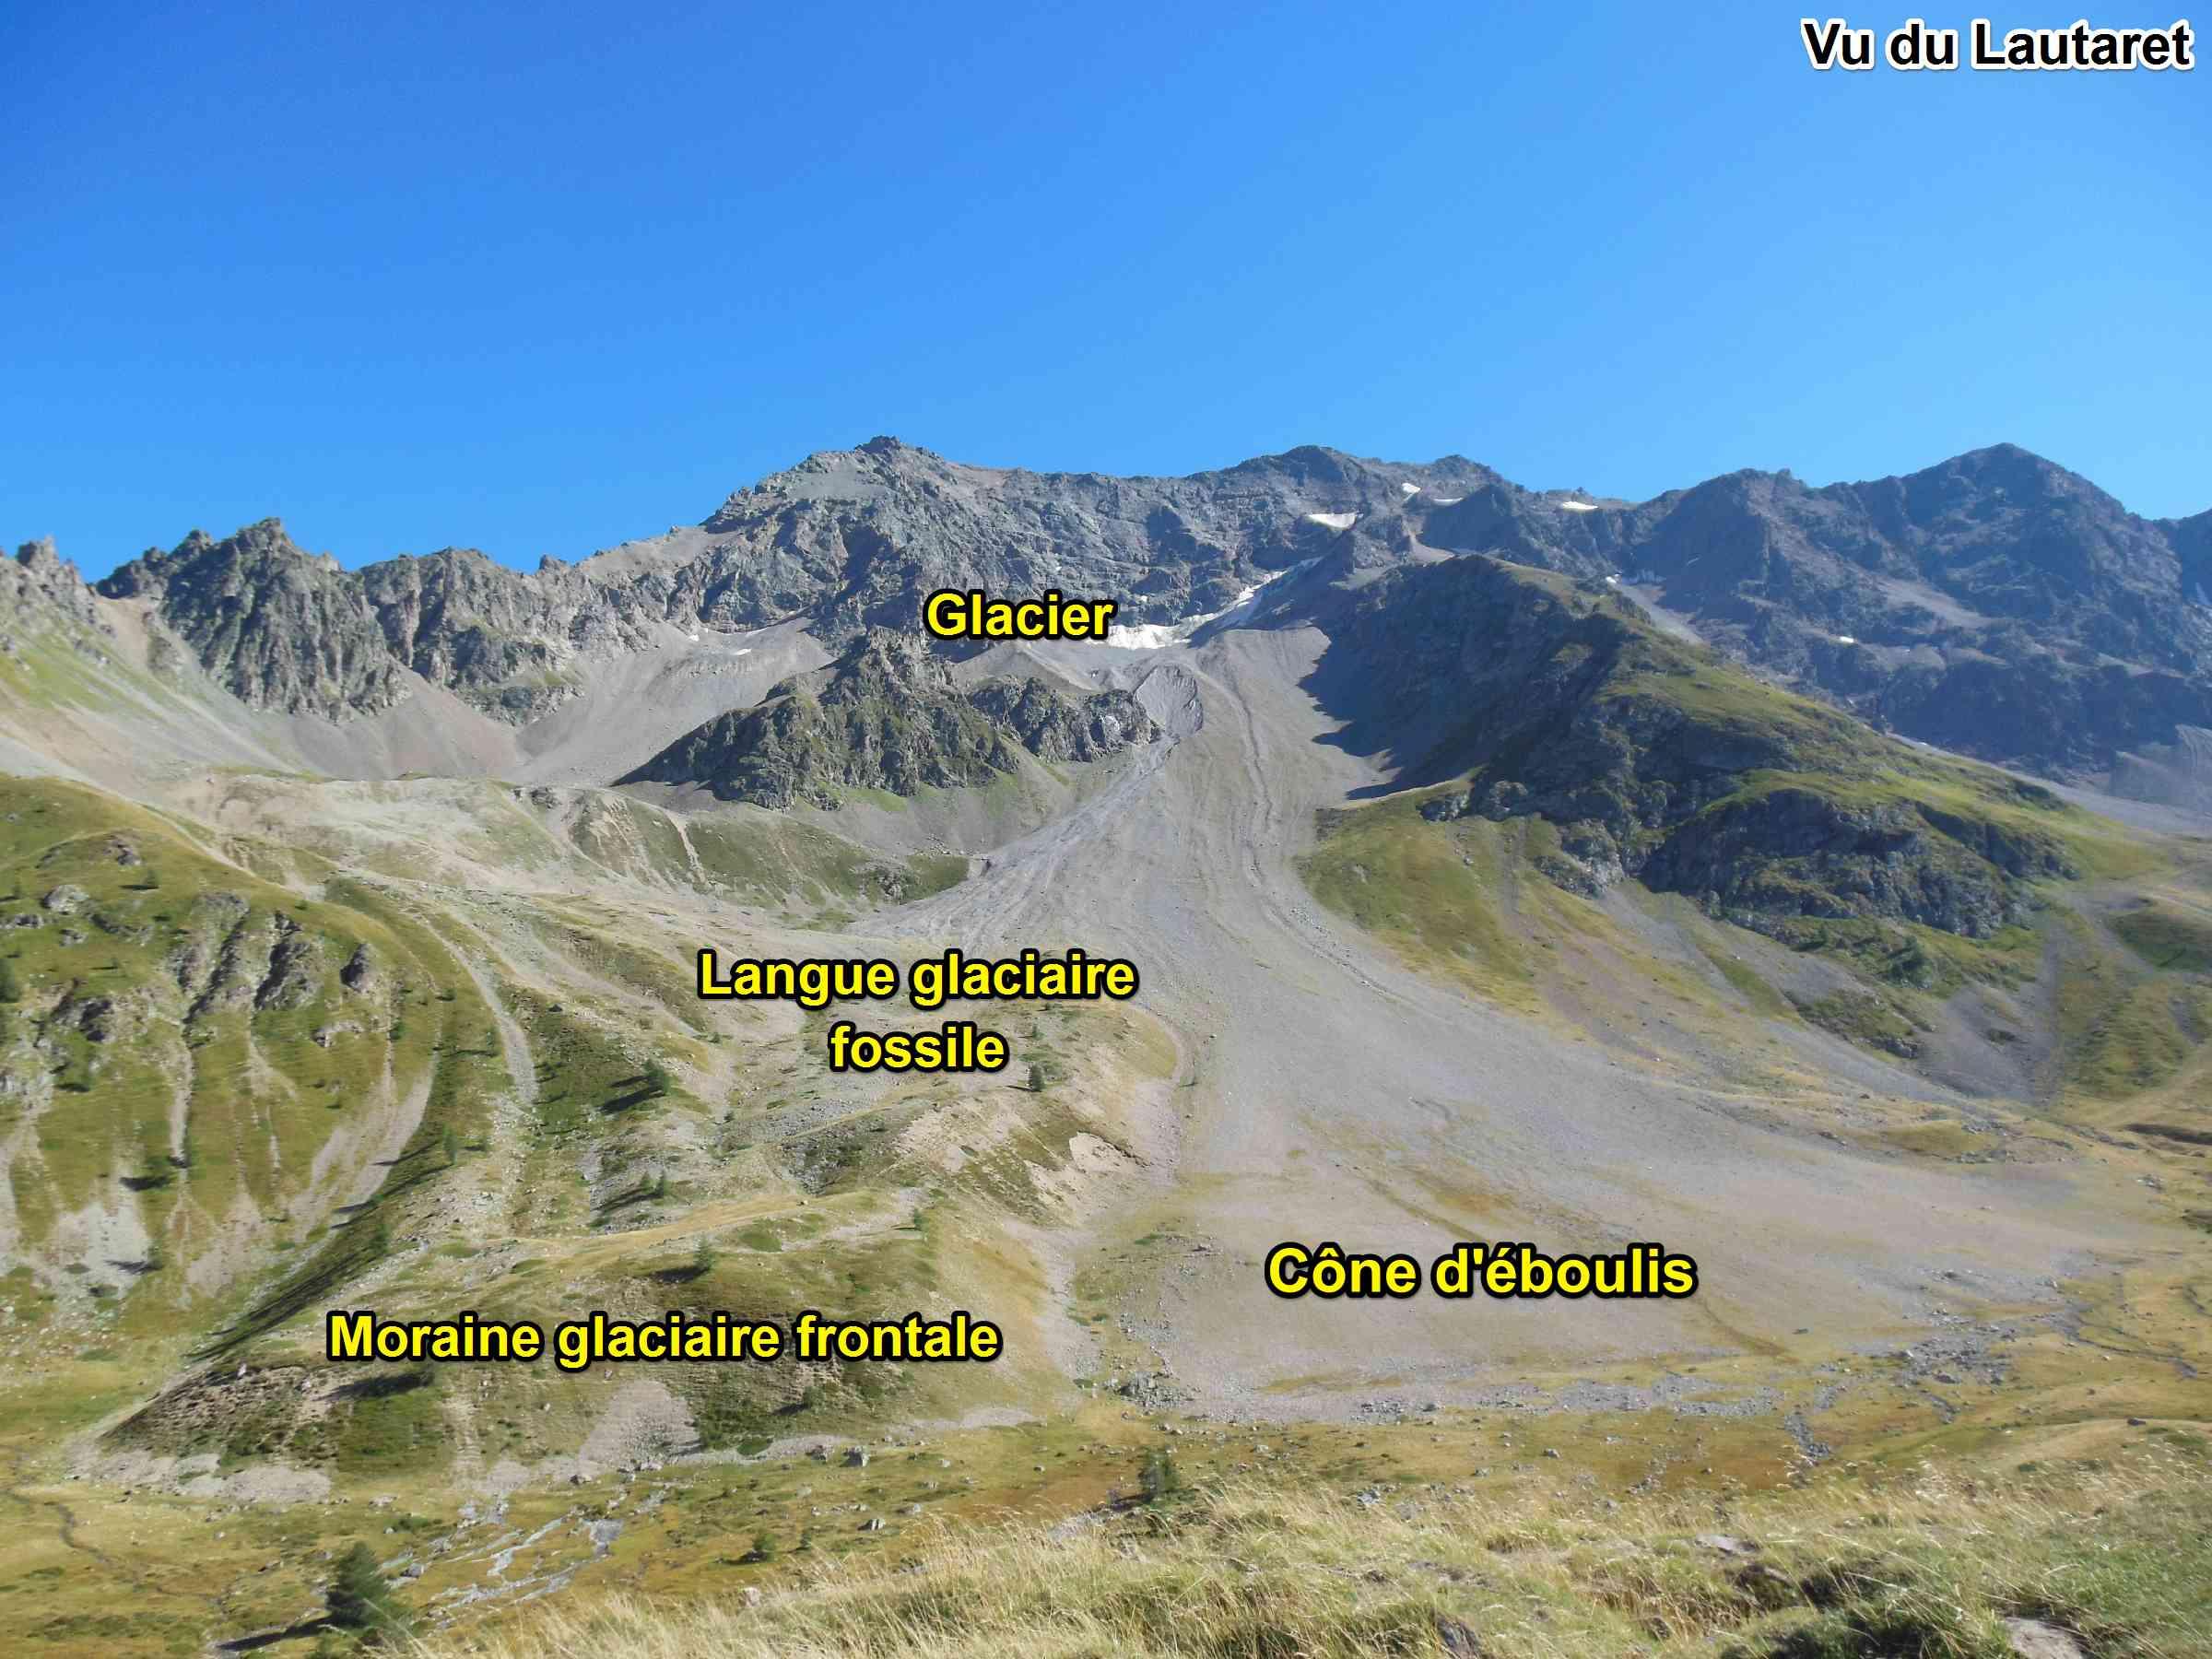 glacier moraine langue col Lautaret Alpes géologie